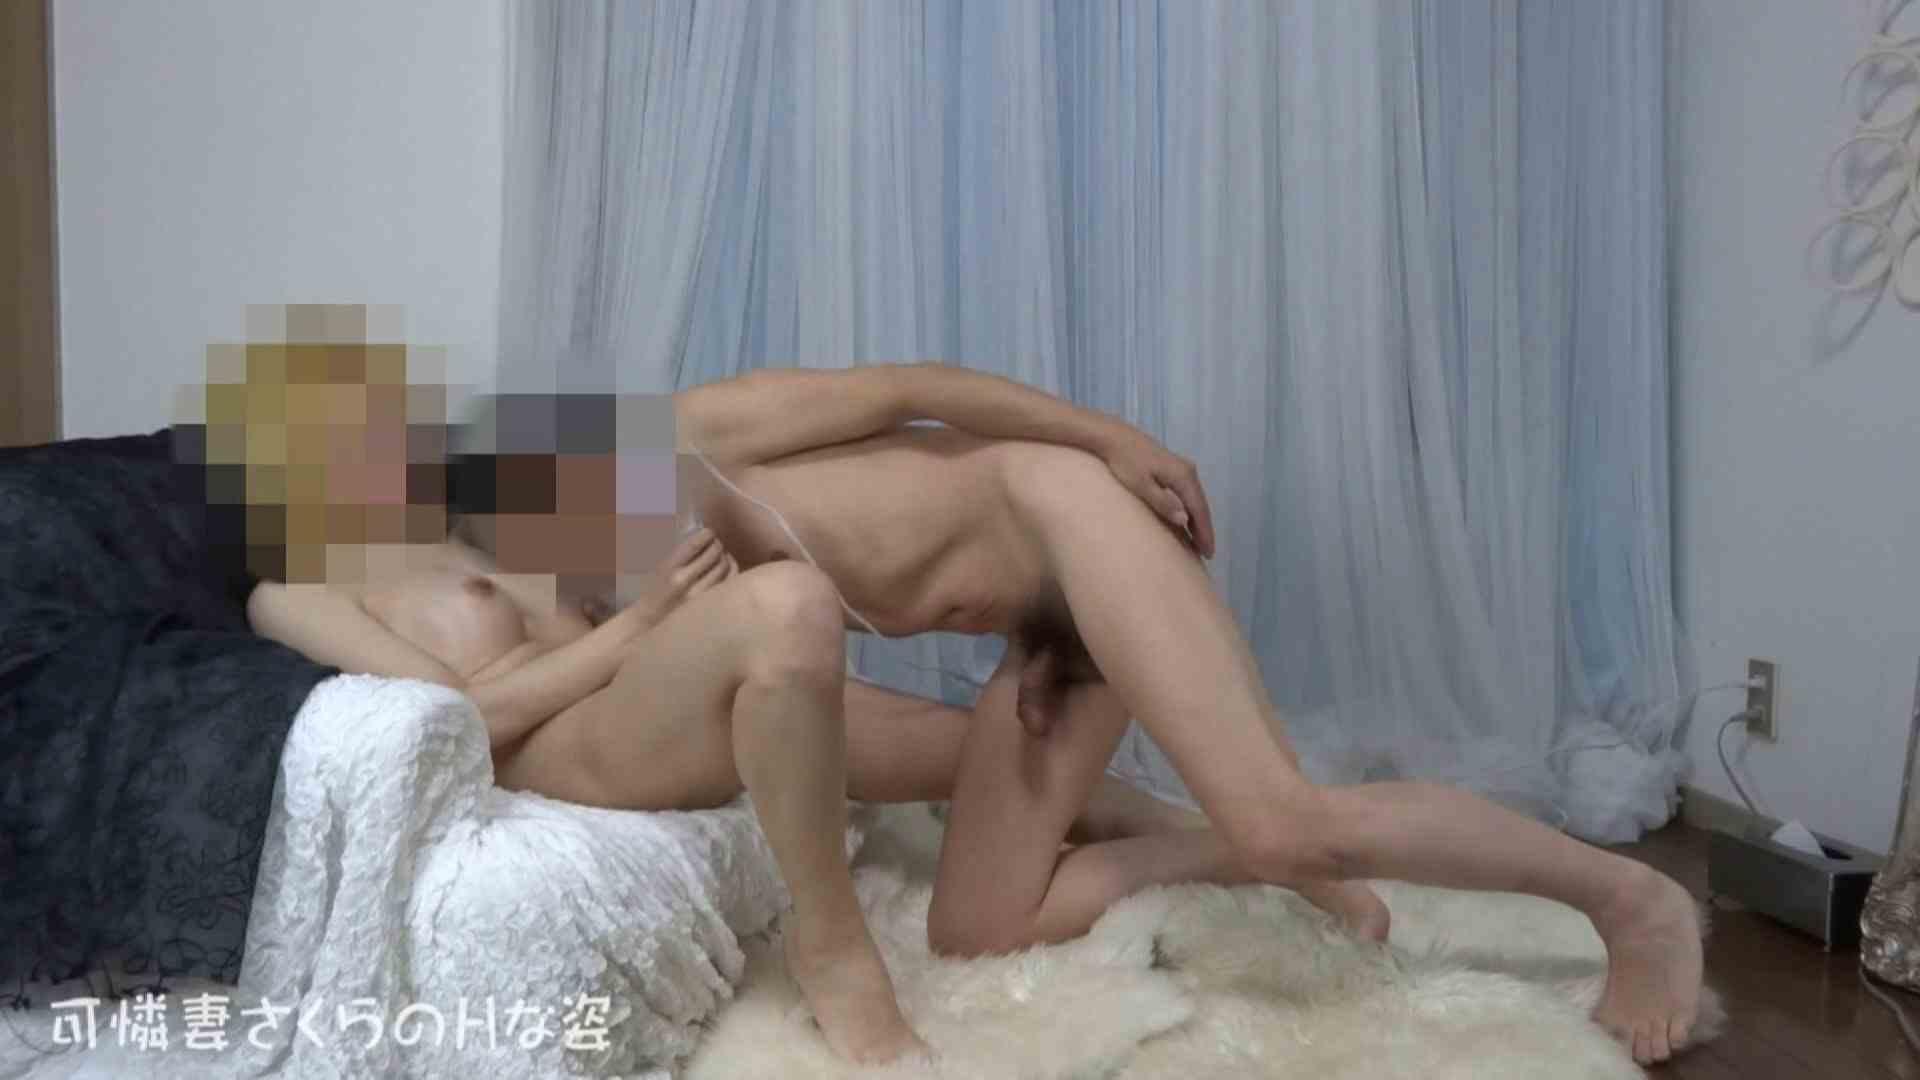 可憐妻さくらのHな姿vol.29 マンコ特別編 | 電マ  58枚 1